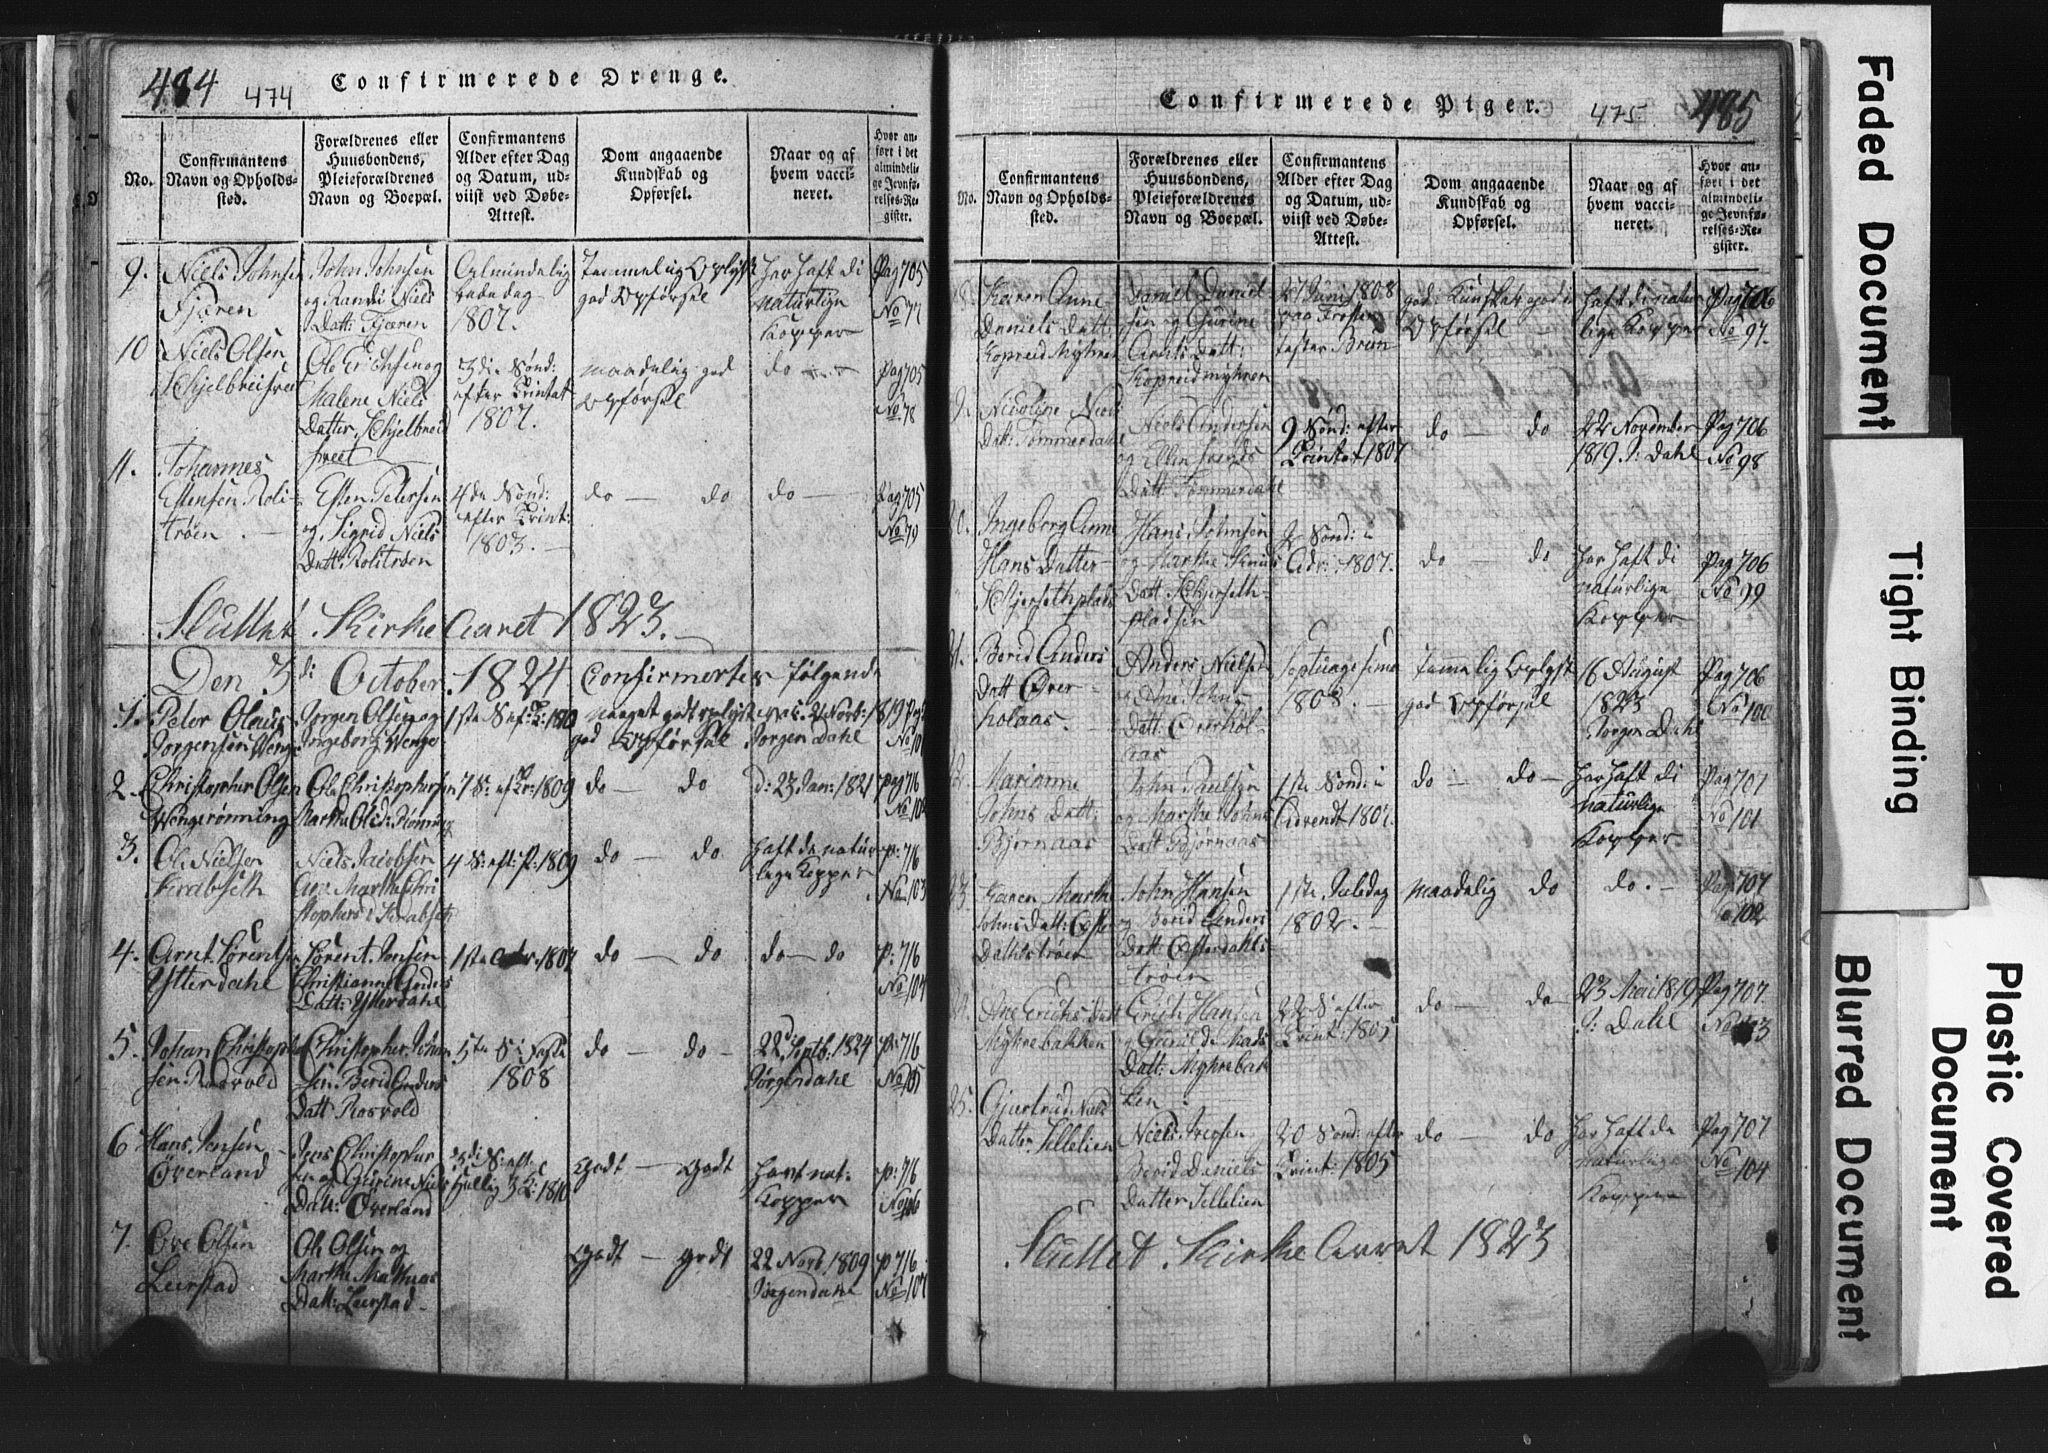 SAT, Ministerialprotokoller, klokkerbøker og fødselsregistre - Nord-Trøndelag, 701/L0017: Klokkerbok nr. 701C01, 1817-1825, s. 474-475